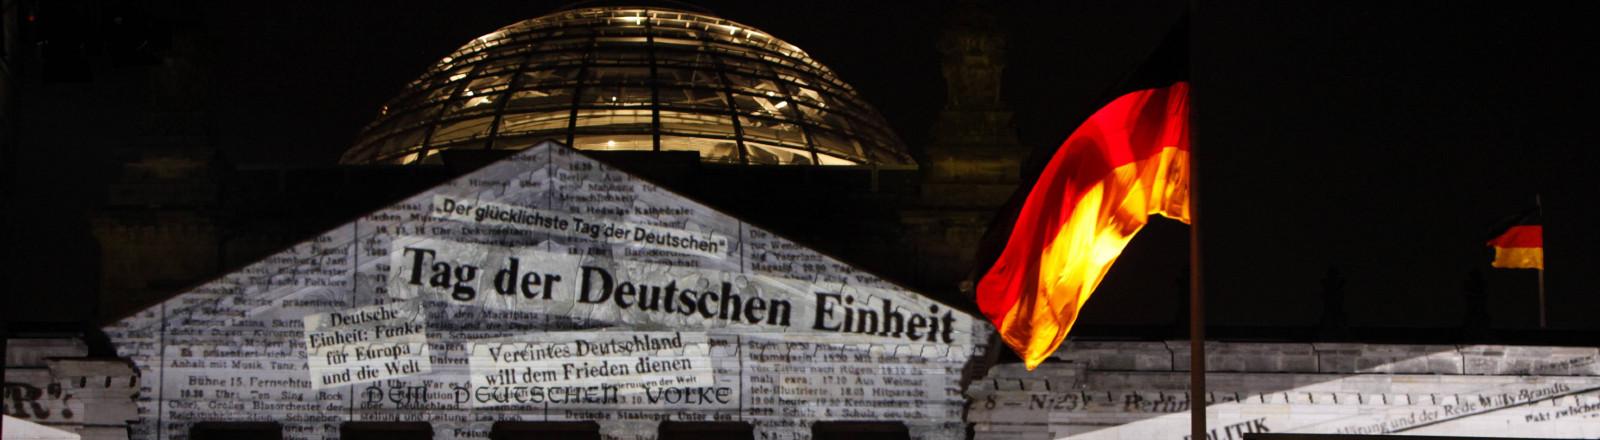 Tag der Deutschen Einheit Berlin 2010